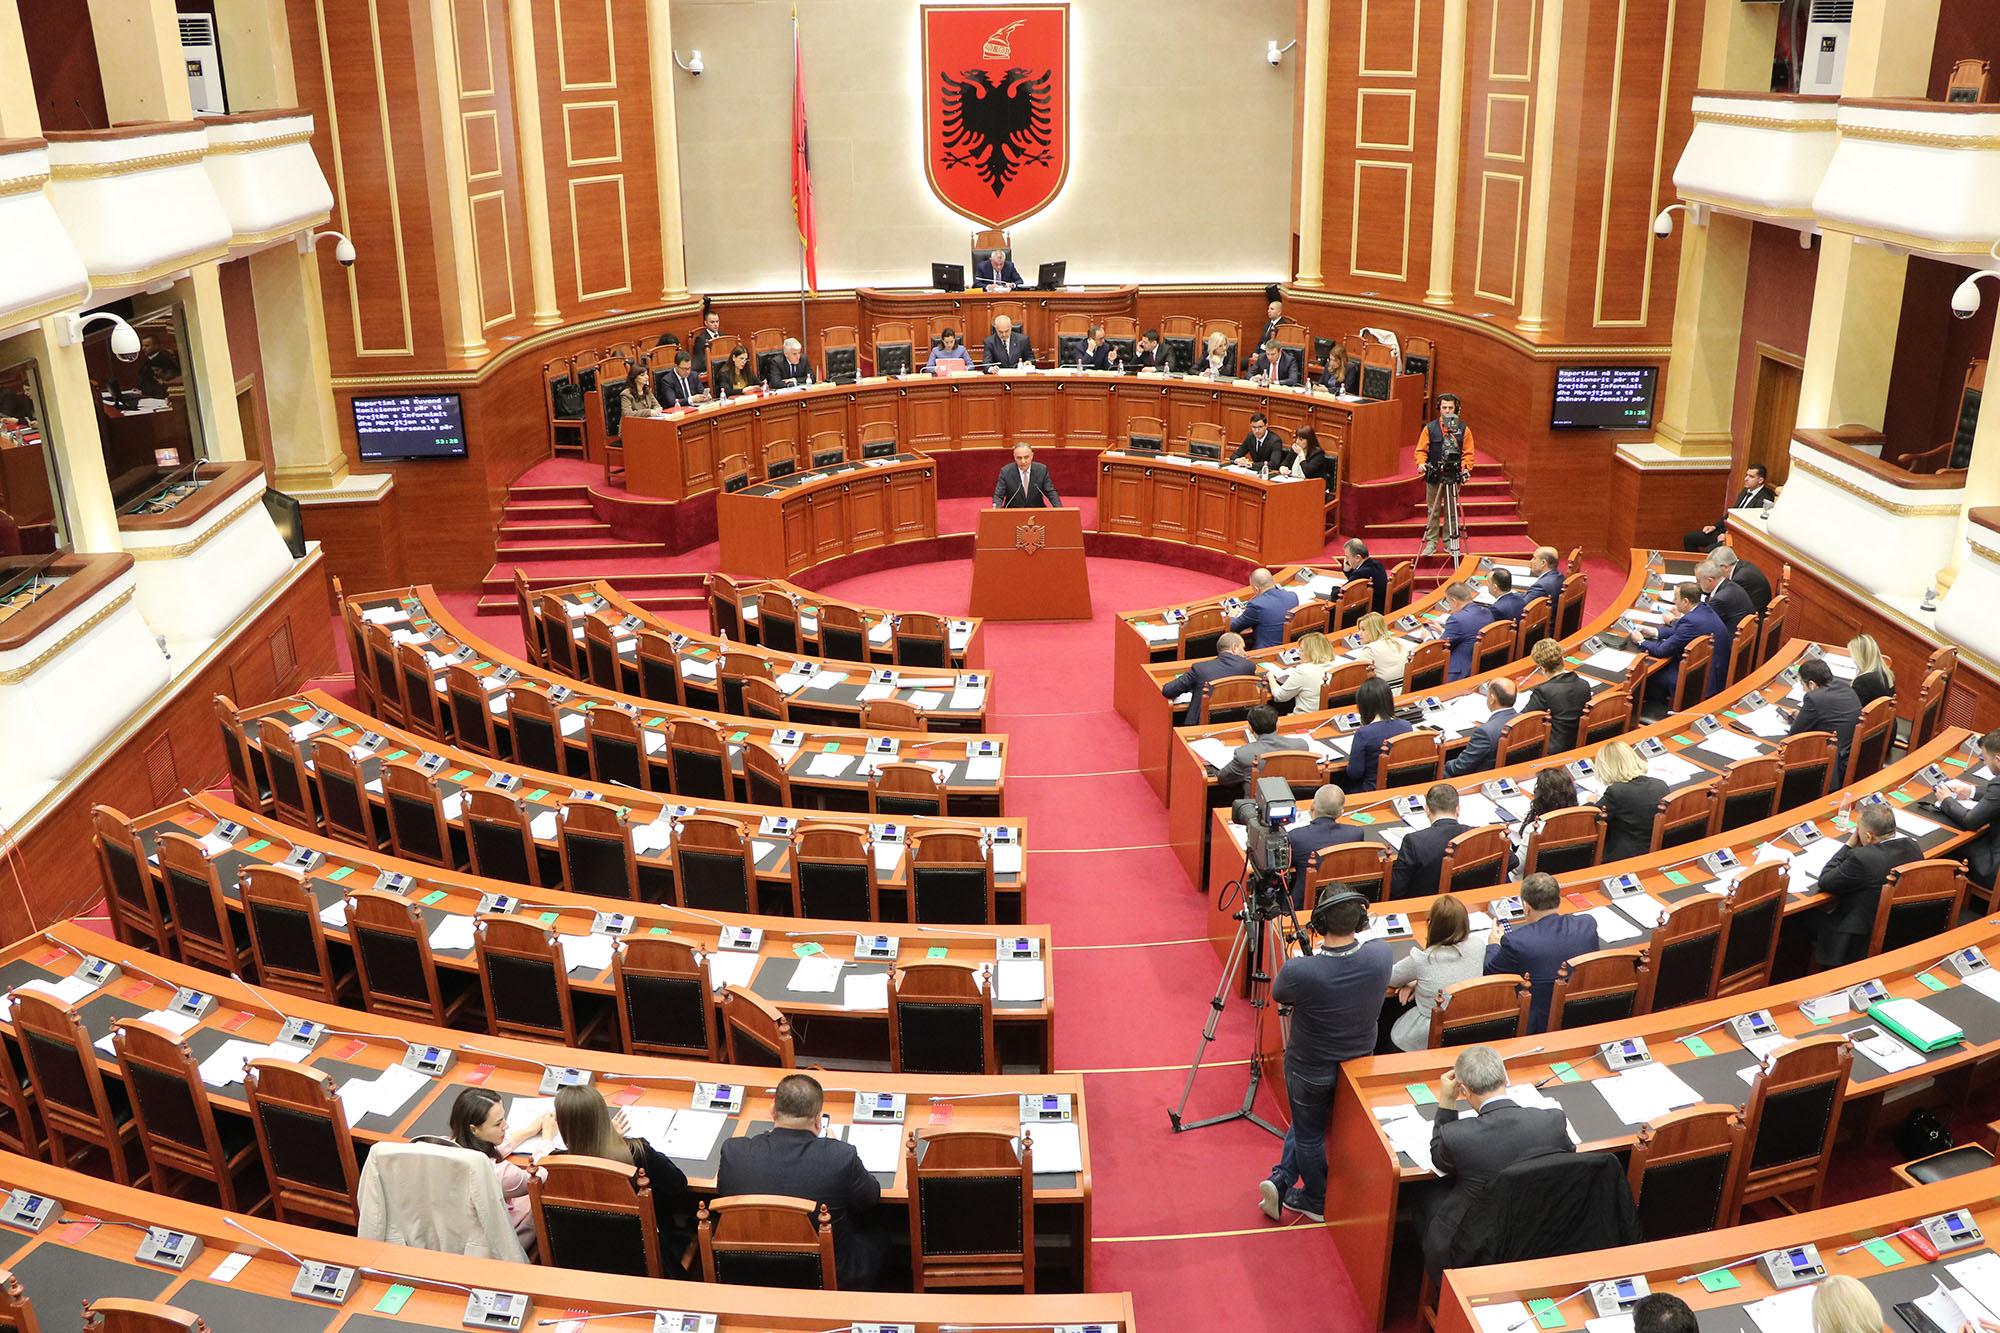 Kuvendi i Shqipërisë miratoi Rezolutën për vlerësimin e punës të Zyrës së Komisionerit për vitin 2017